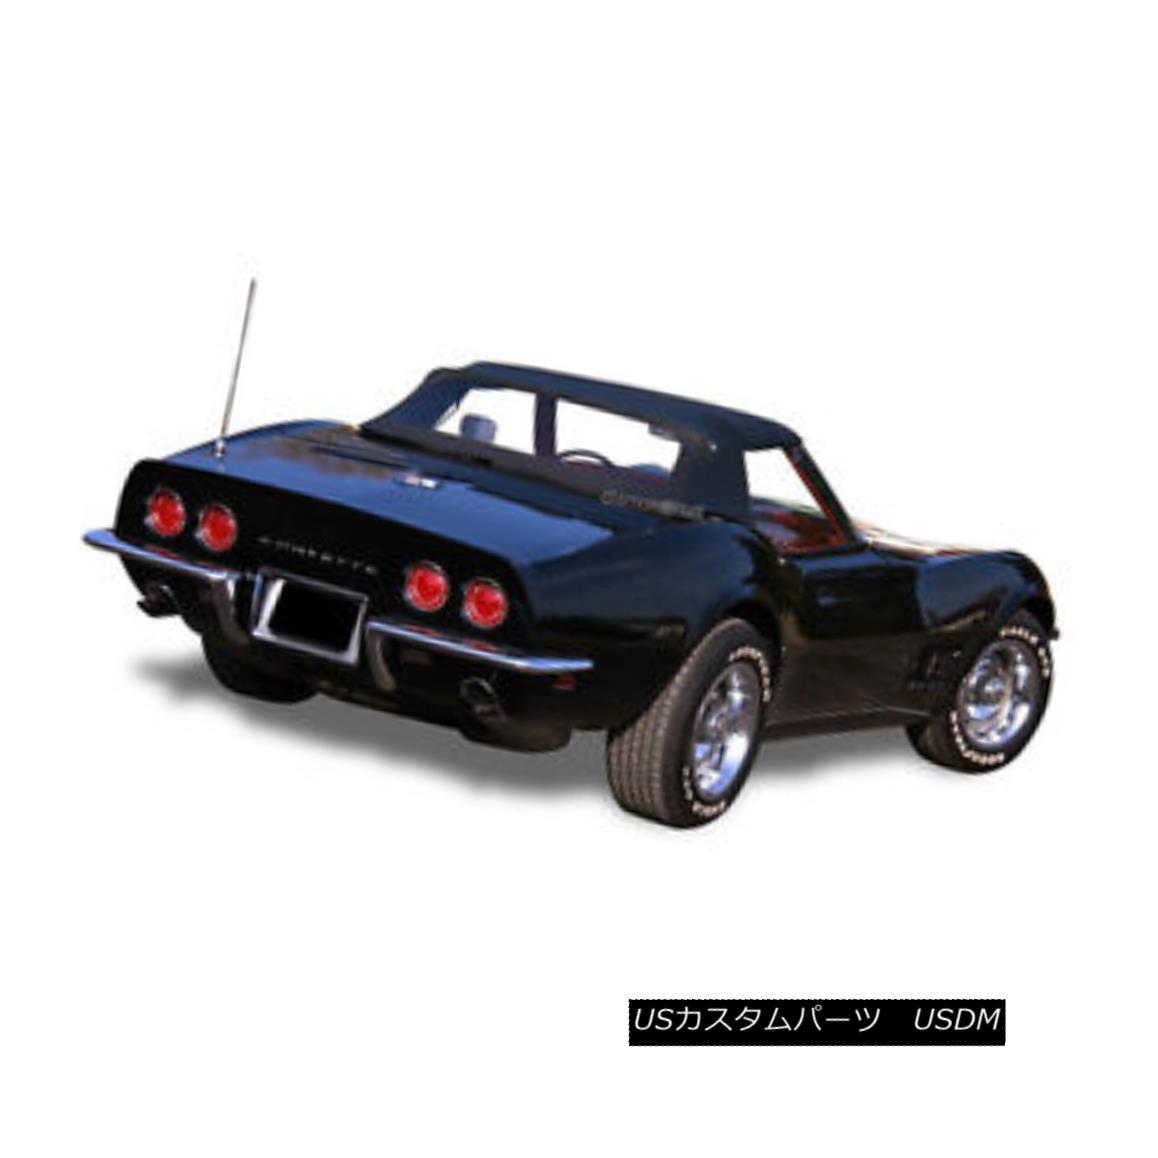 幌・ソフトトップ Chevrolet Corvette 1968-1975 Convertible Soft Top Black Pinpoint Vinyl シボレーコルベット1968-1975コンバーチブルソフトトップブラックピンポイントビニール